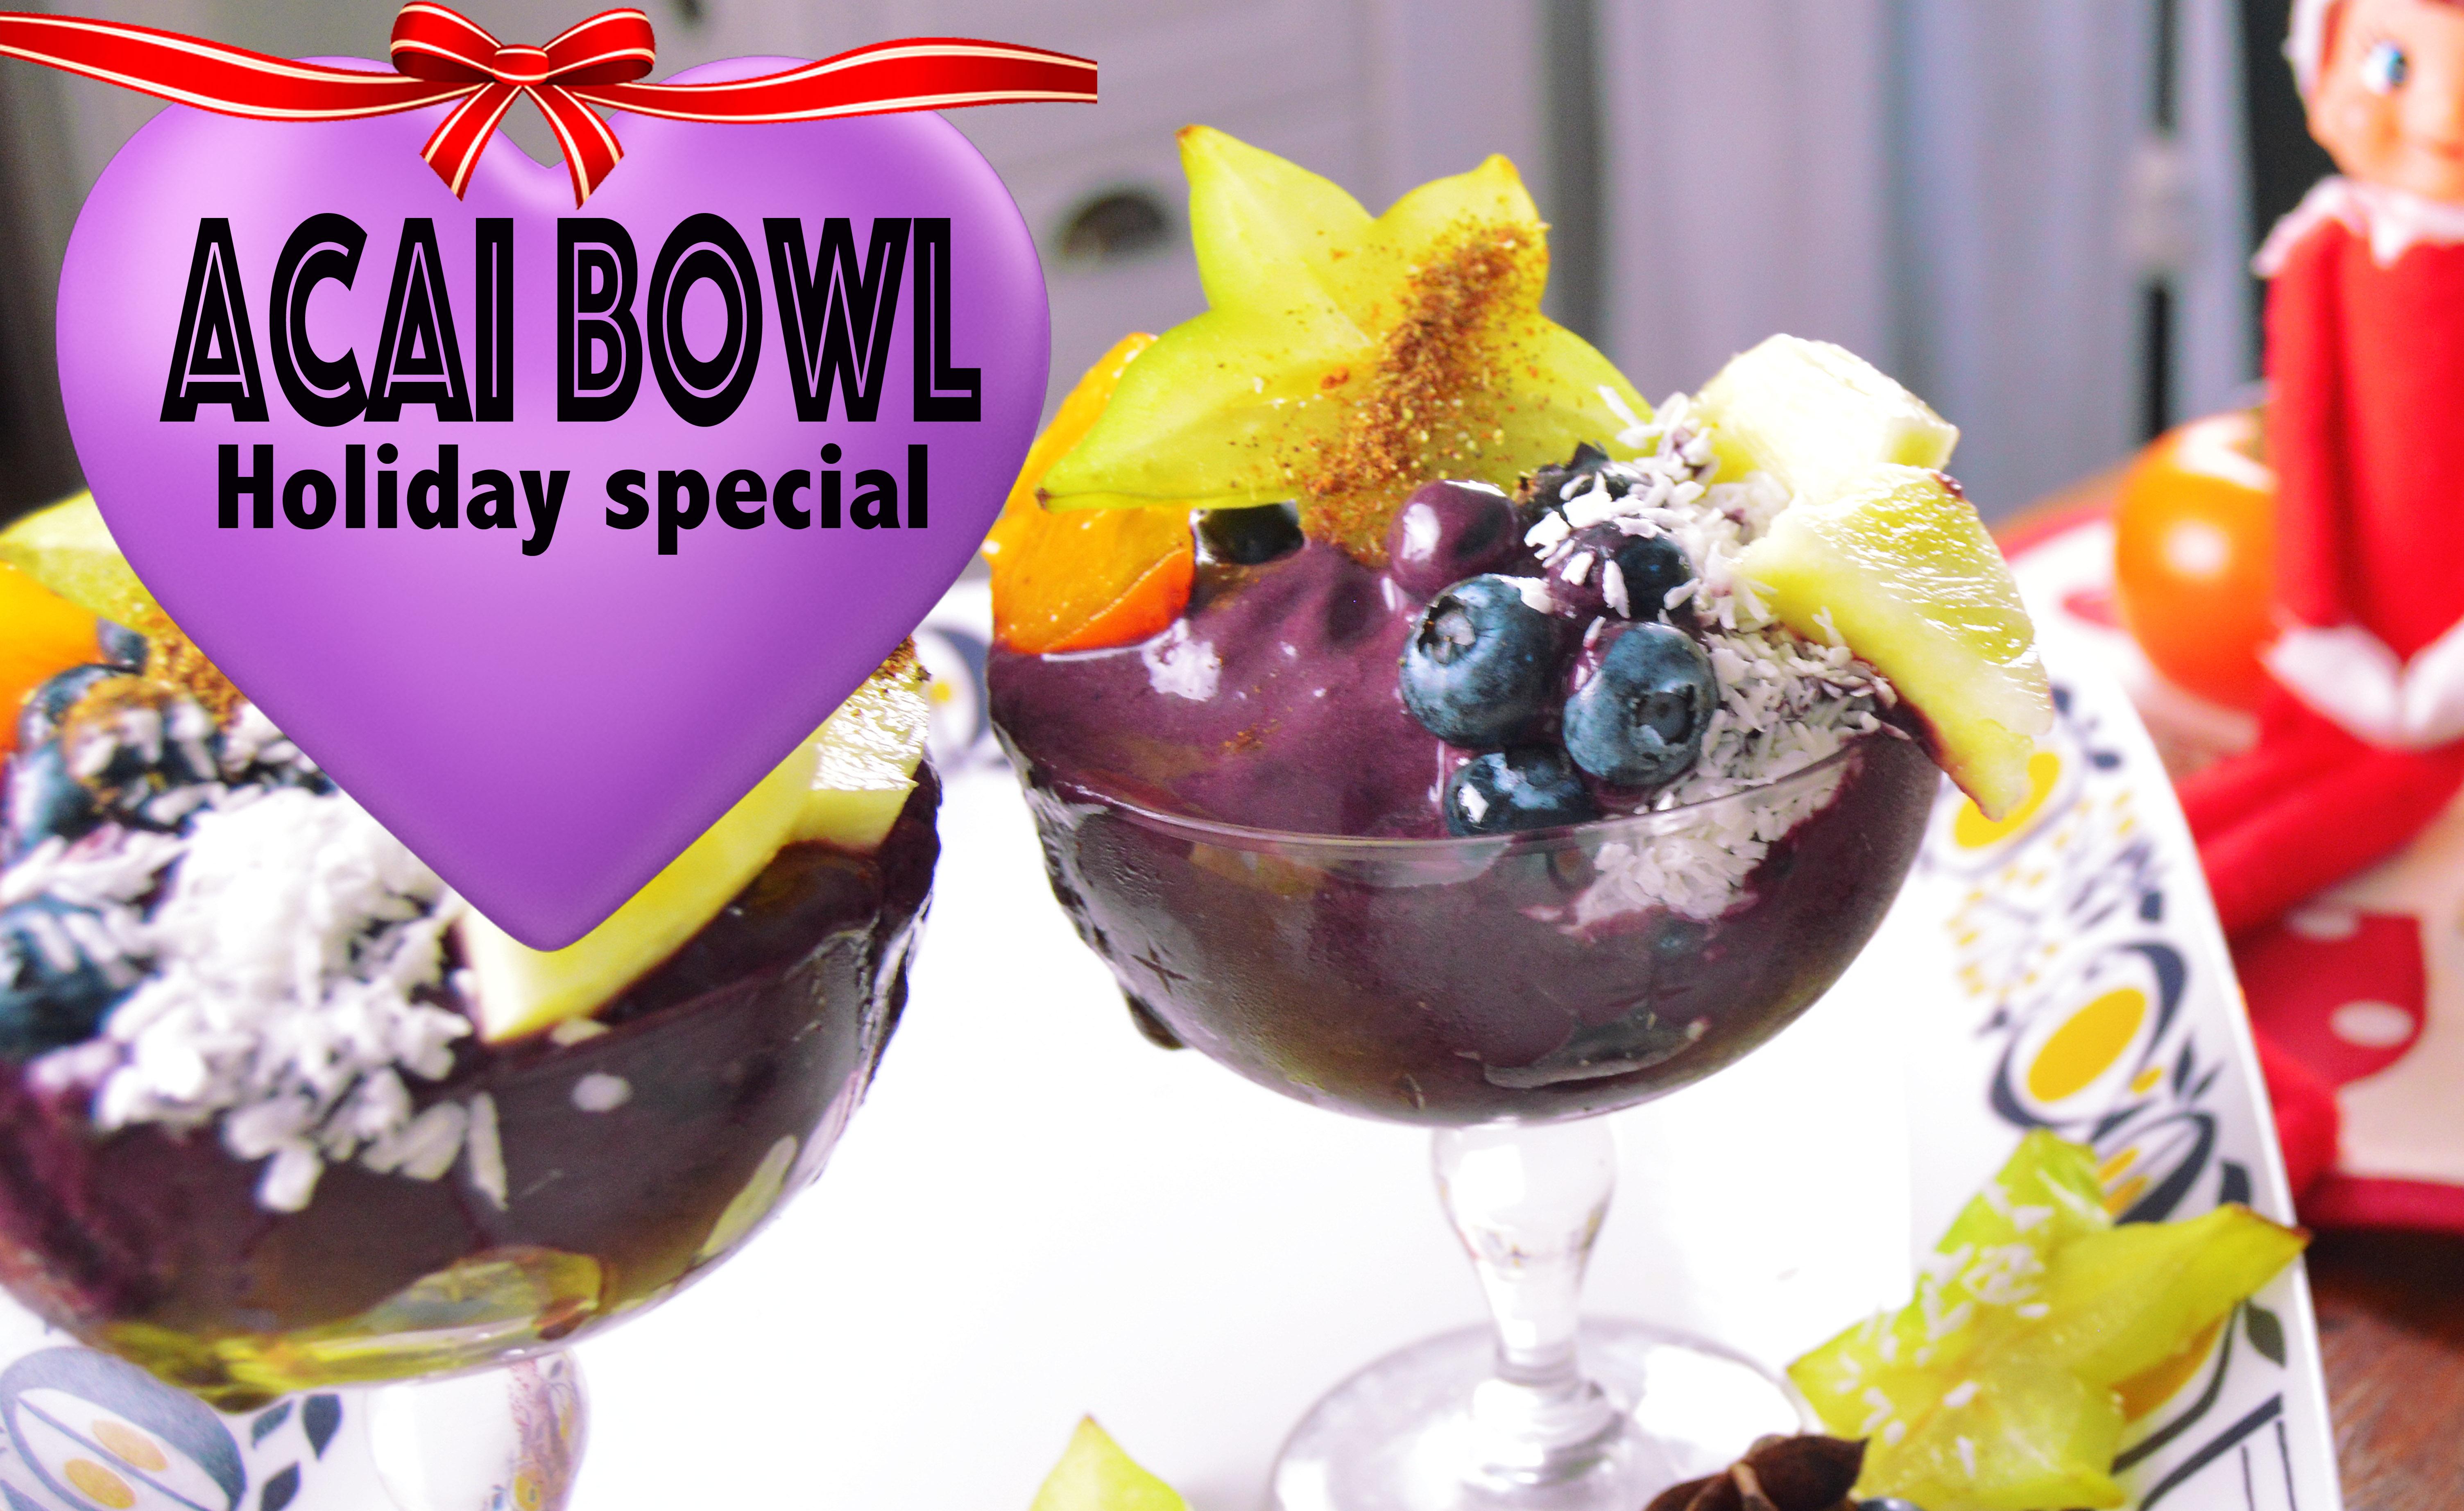 acai bowl special